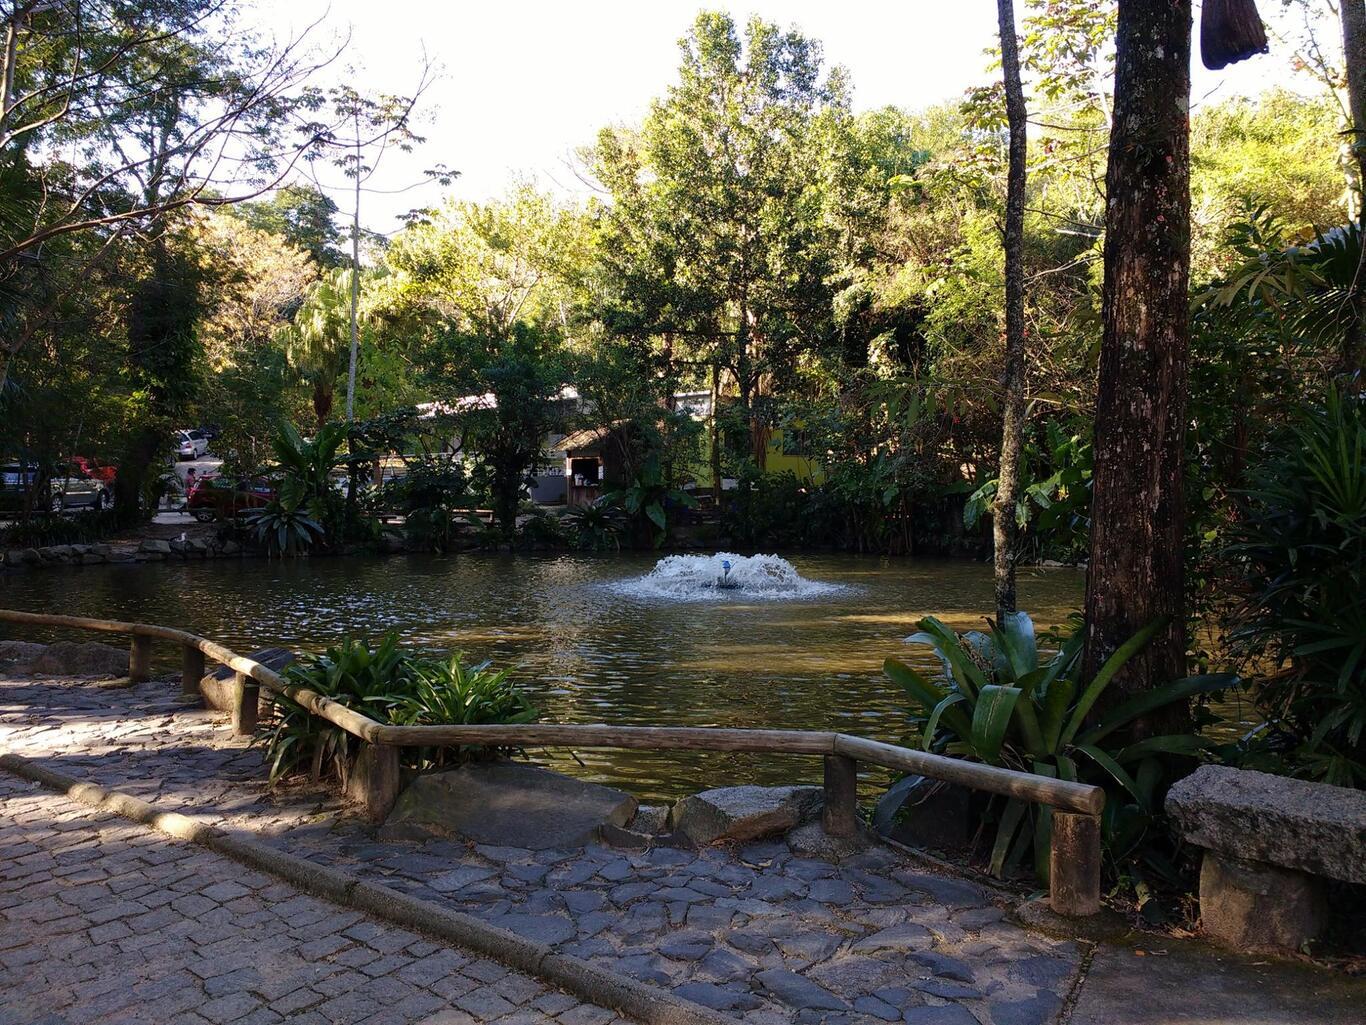 Parque Ecológico do Córrego Grande em Florianópolis